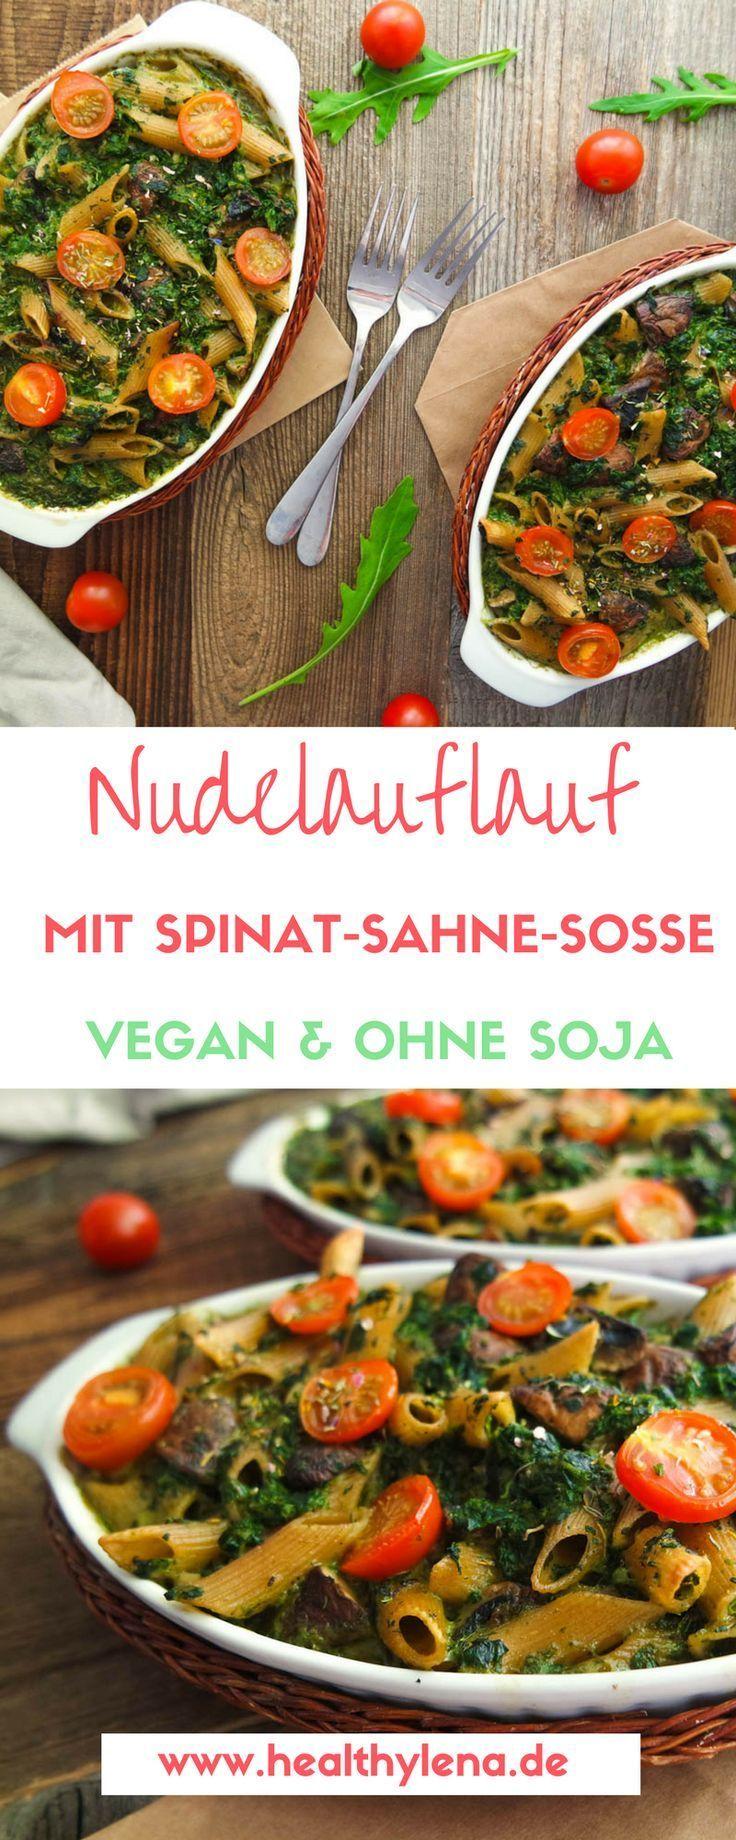 Nudelauflauf mit veganer Spinat-Sahne-Soße